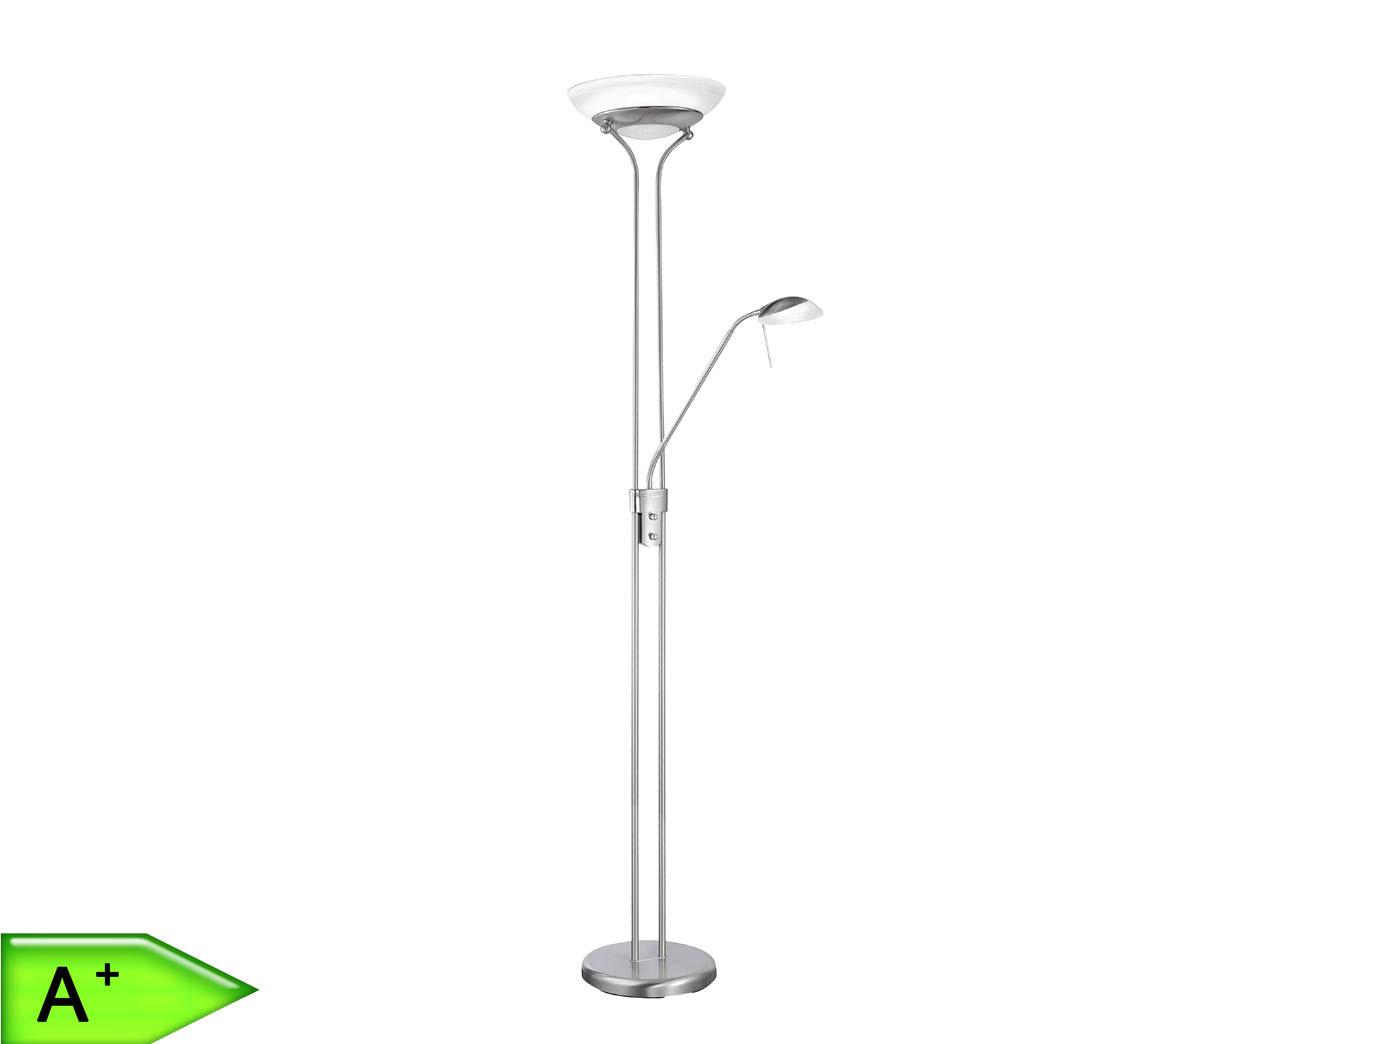 LED-Deckenfluter-mit-Leselicht-Dimmer-und-SAMSUNG-LED-FLI-Leuchten